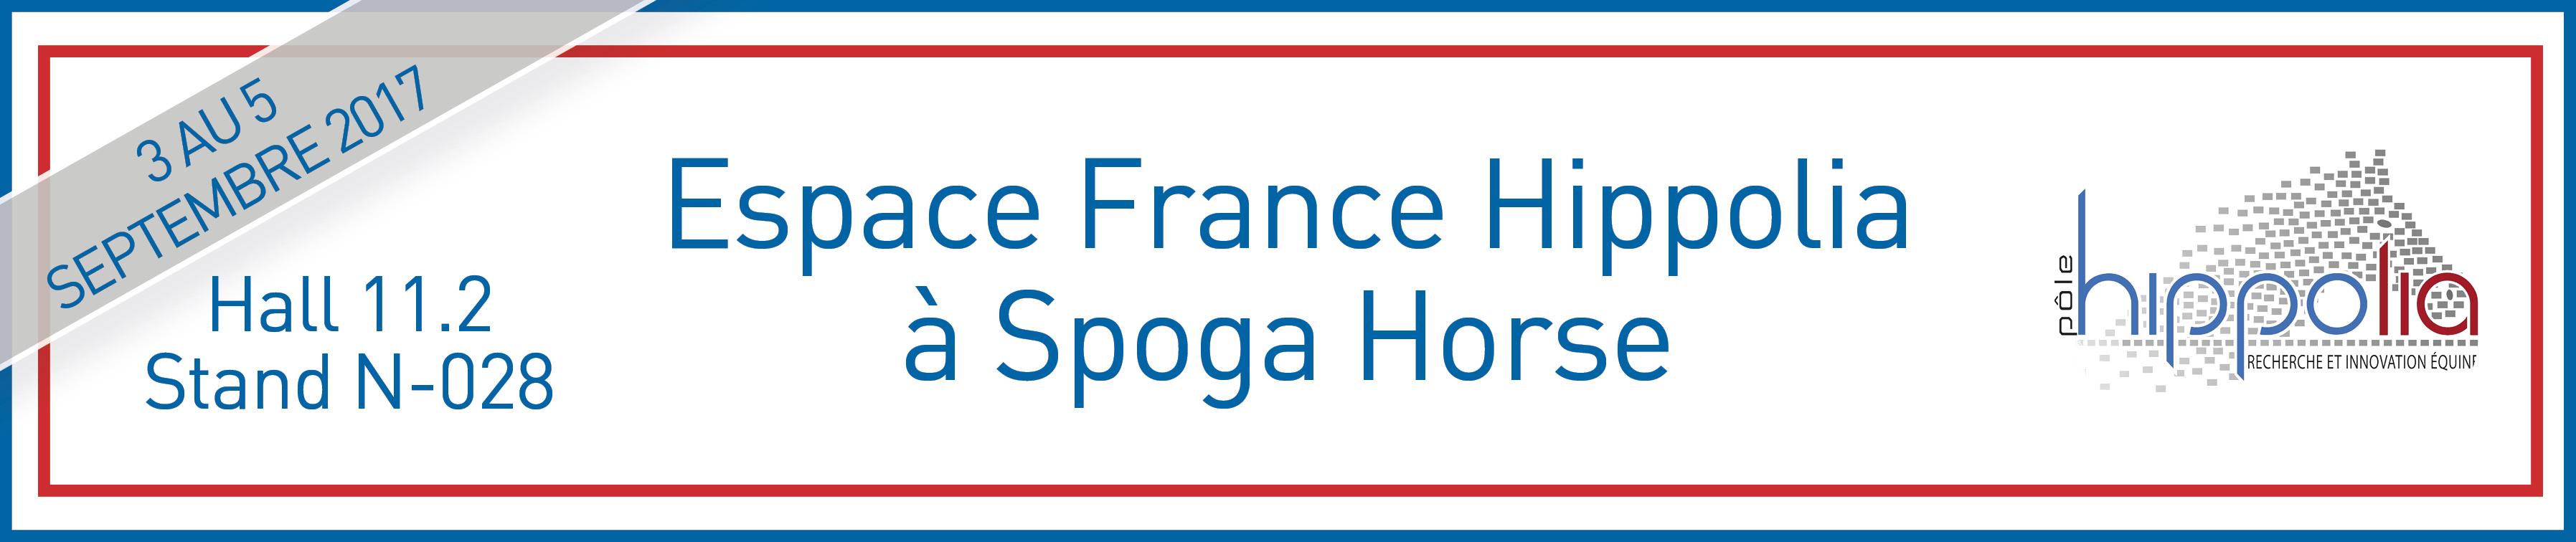 Signature Mail_Espace France Hippolia_Spoga Horse Show